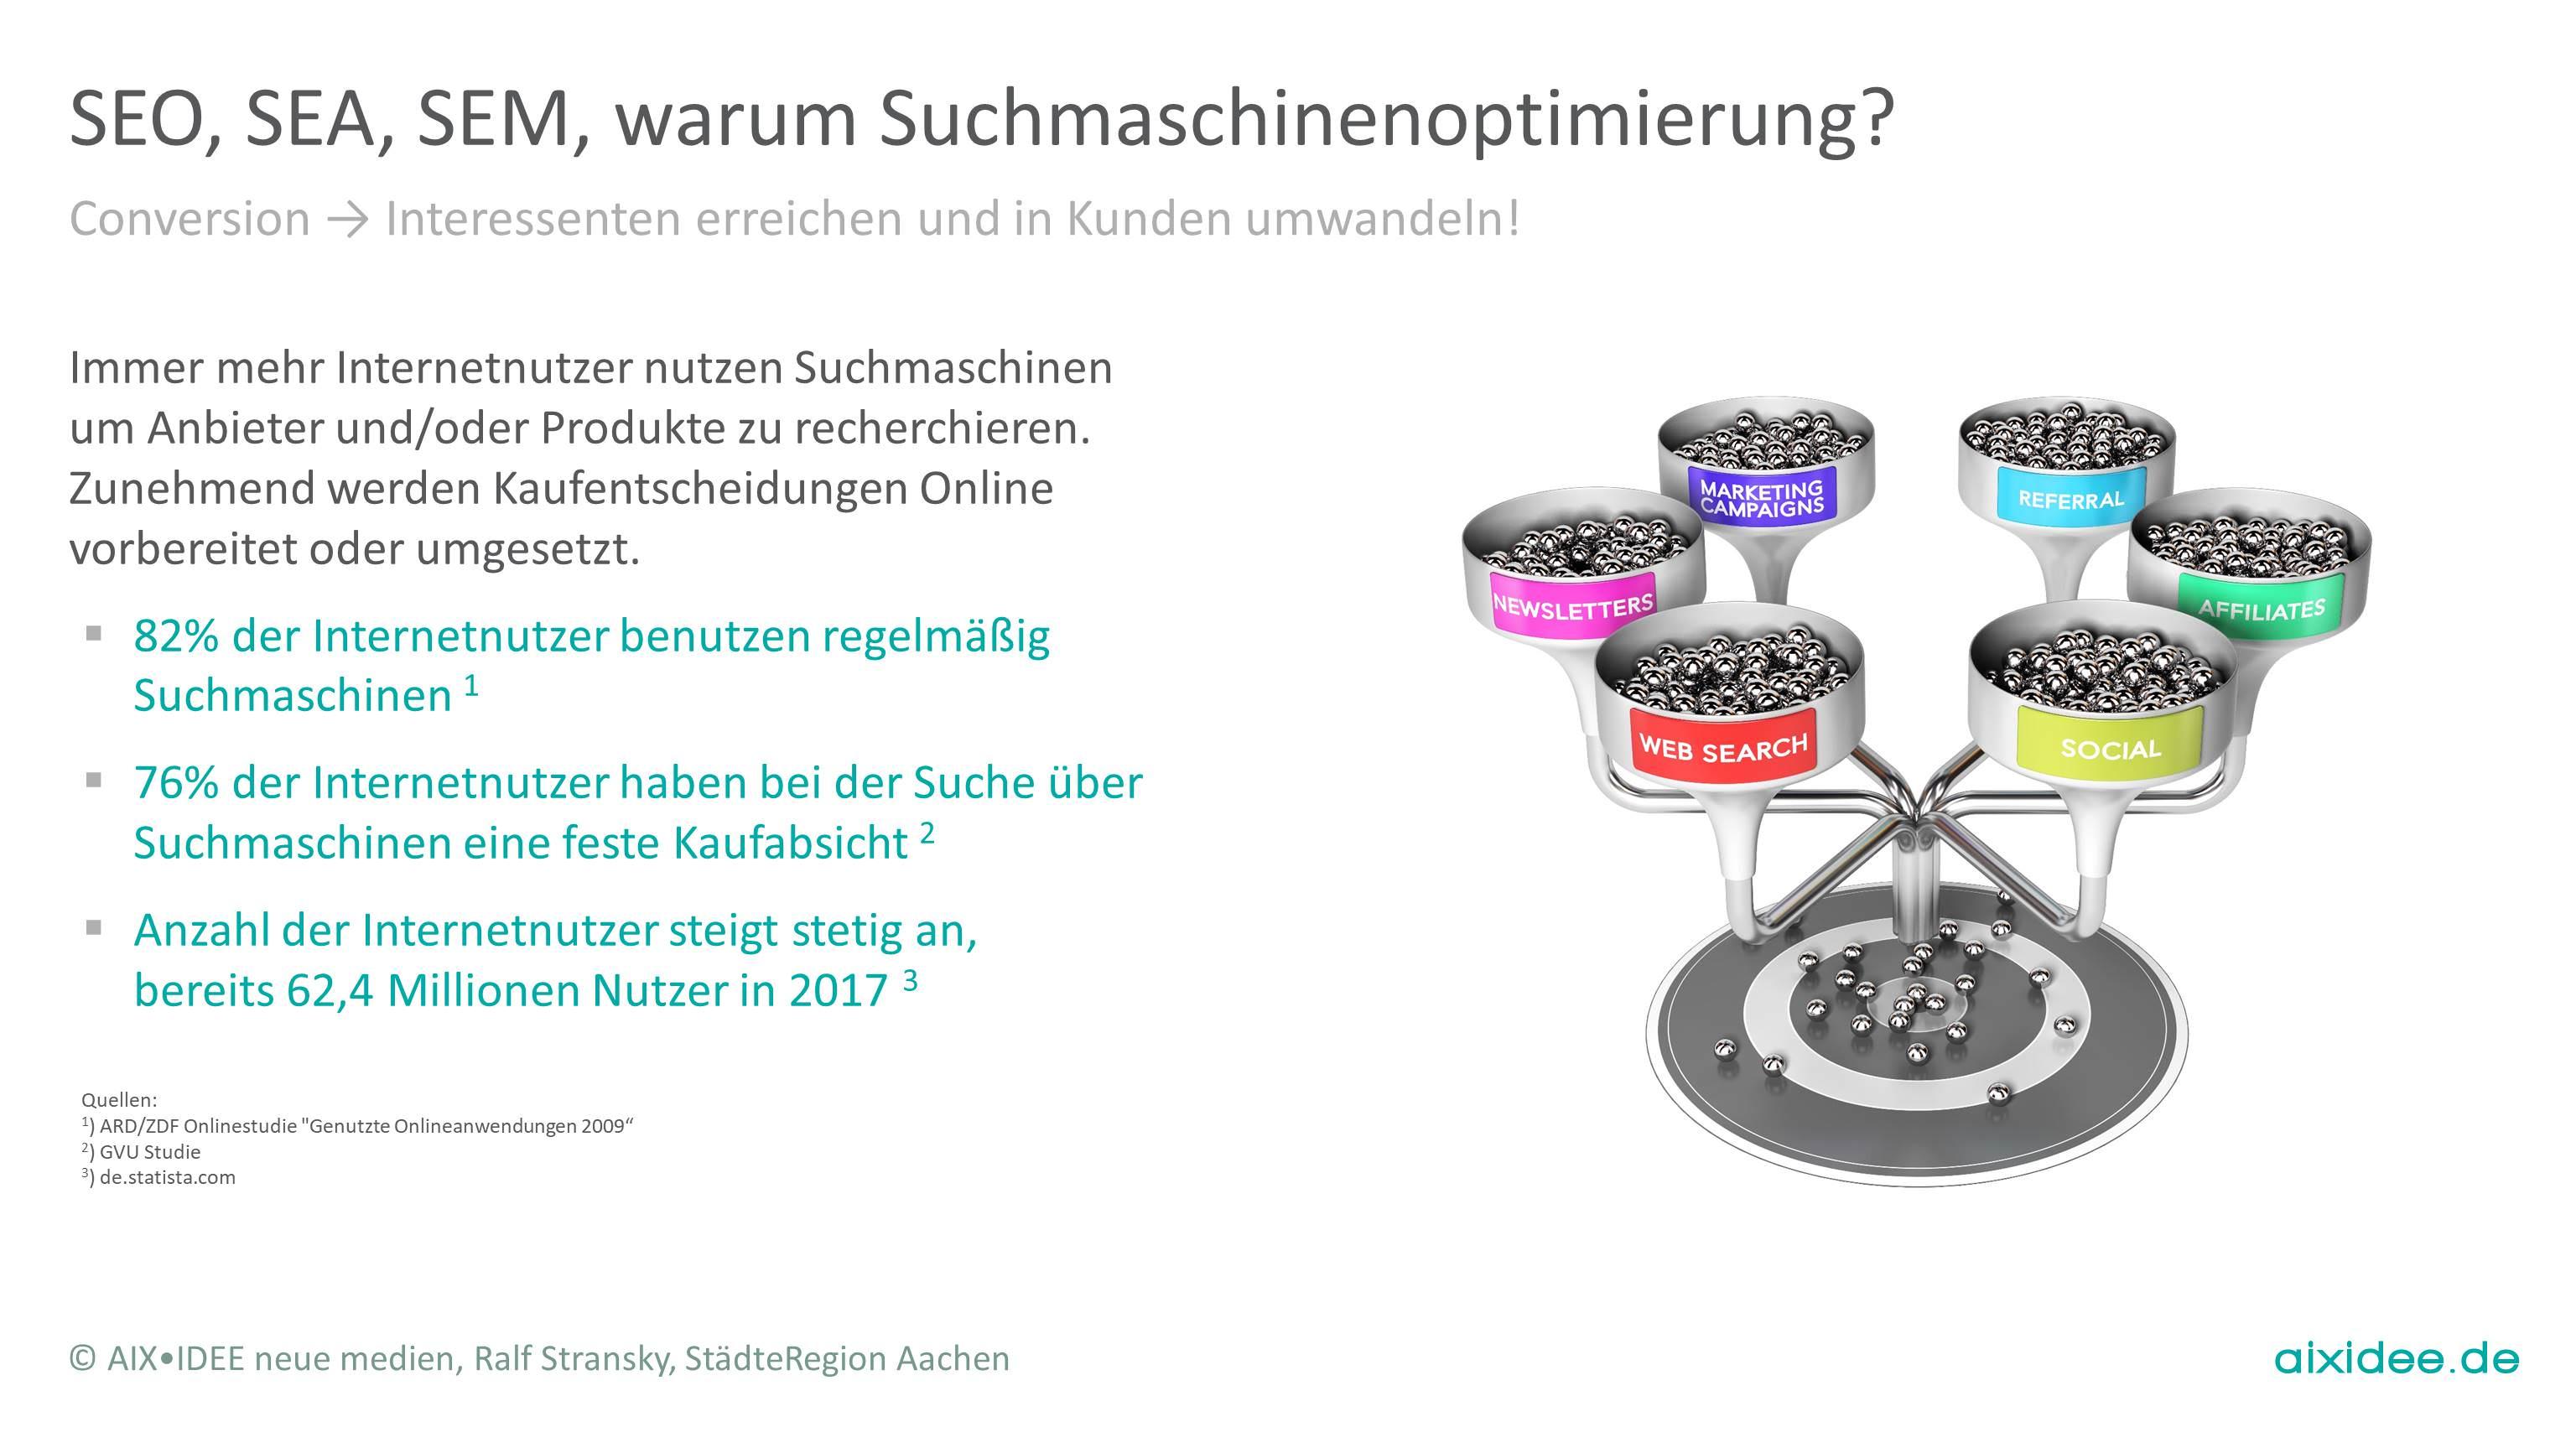 Conversion → Interessenten erreichen und in Kunden umwandeln!